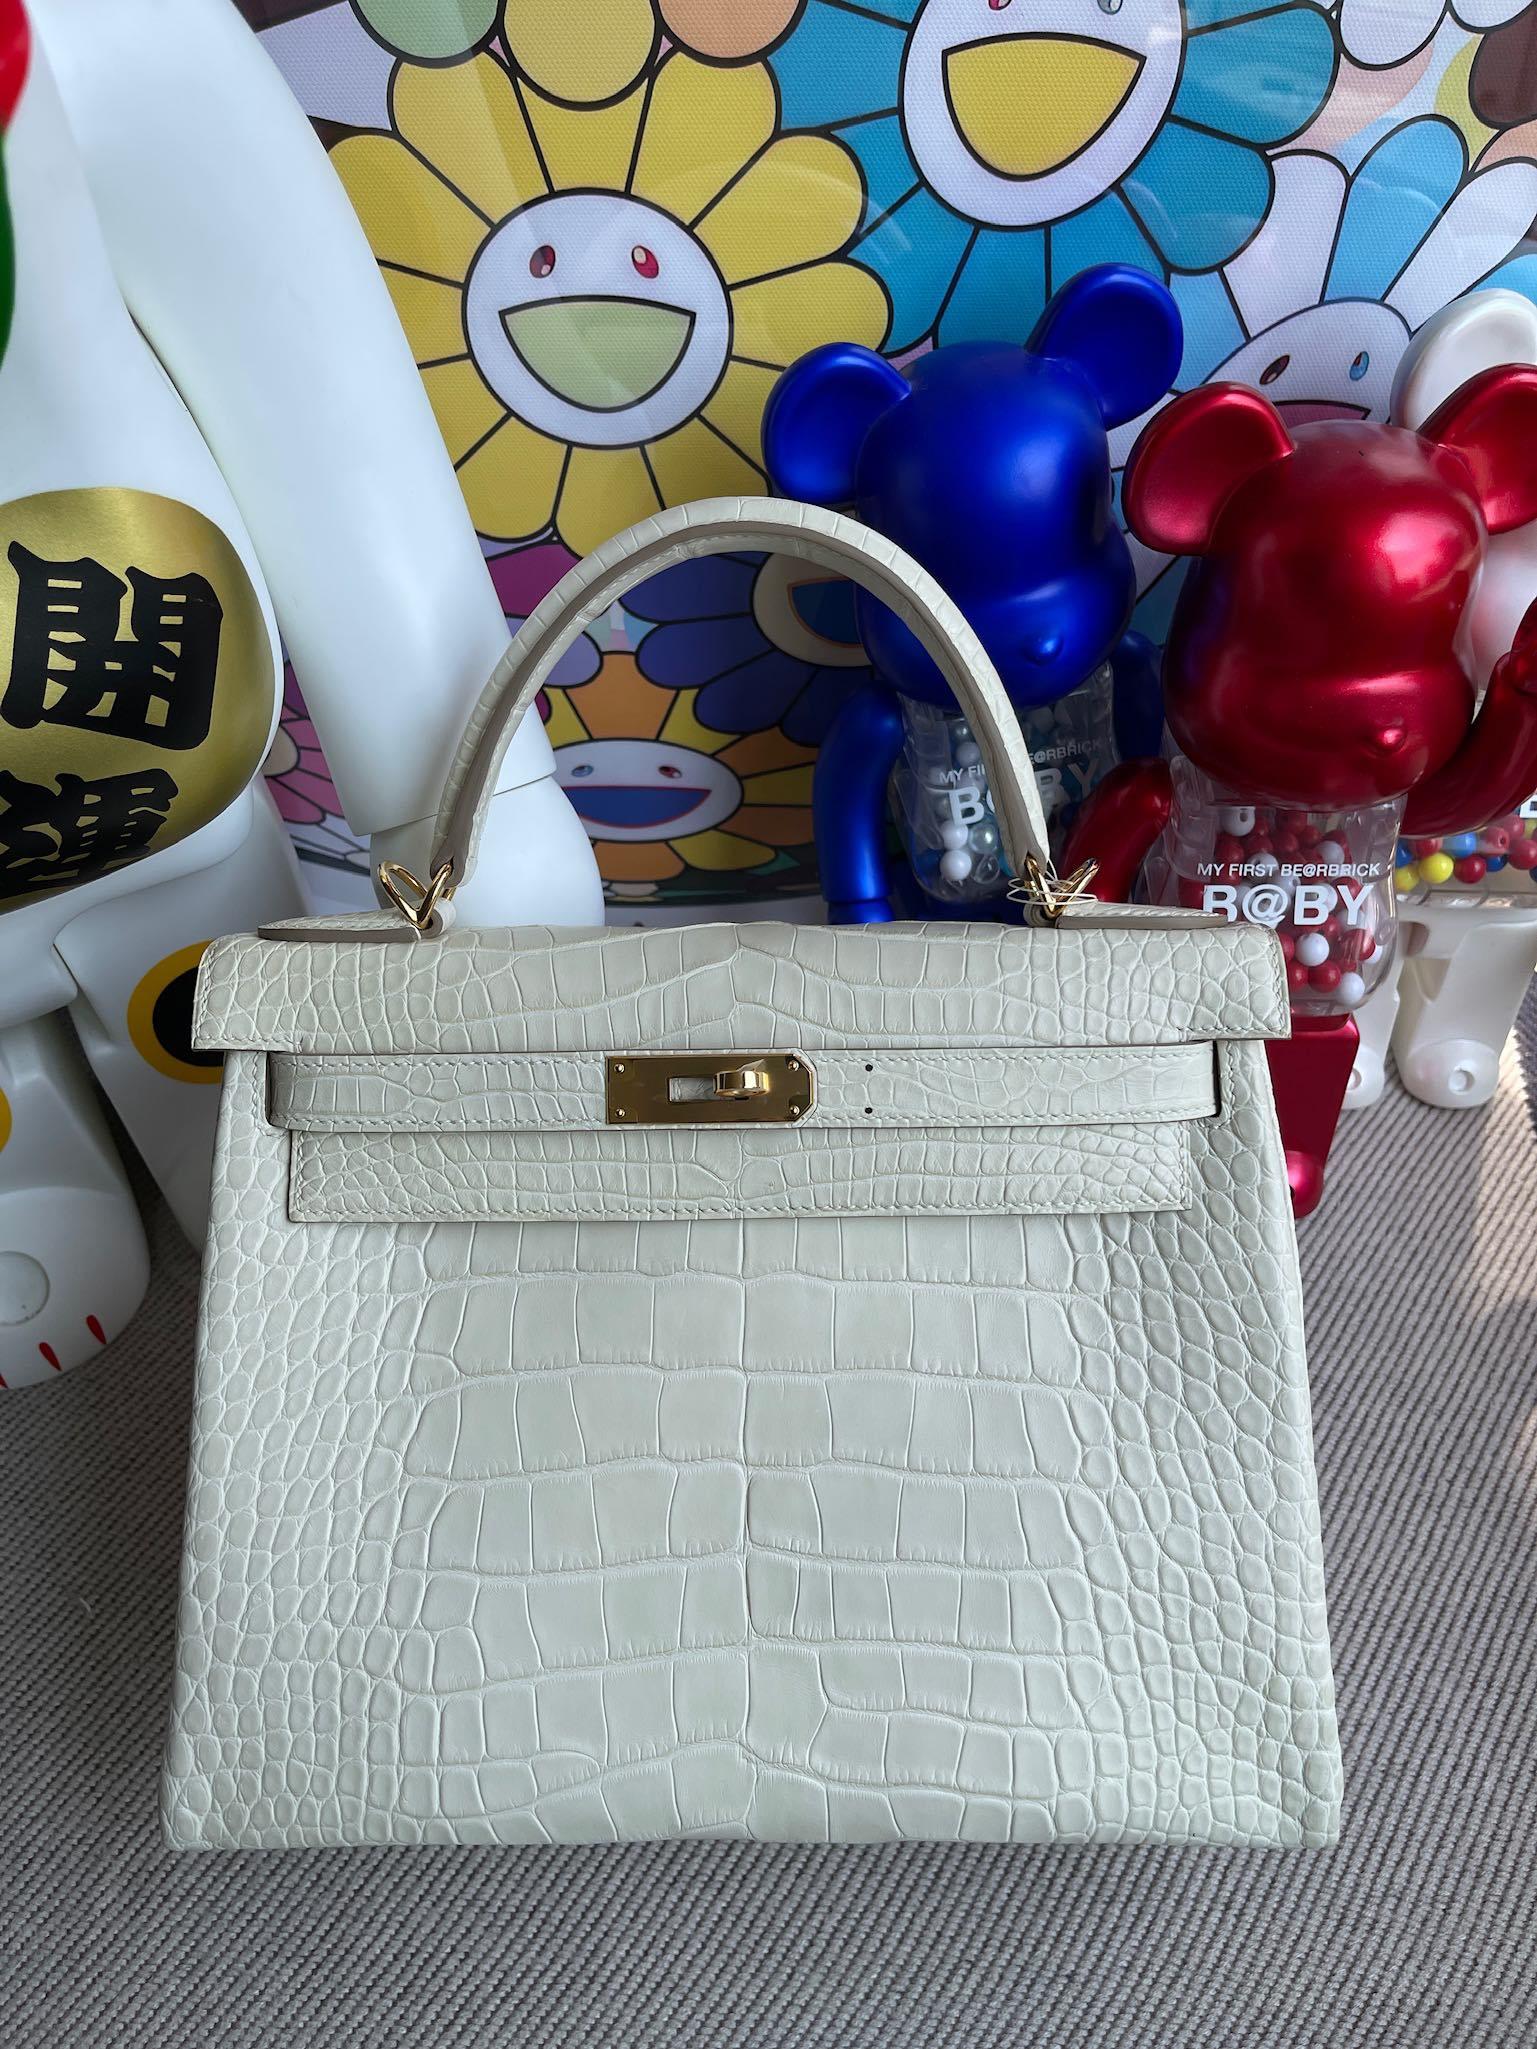 Hermès(爱马仕)Kelly 凯莉包 Alligator matt 雾面鳄鱼 8L 奶油白 Boton 金扣 28cm 顶级手缝